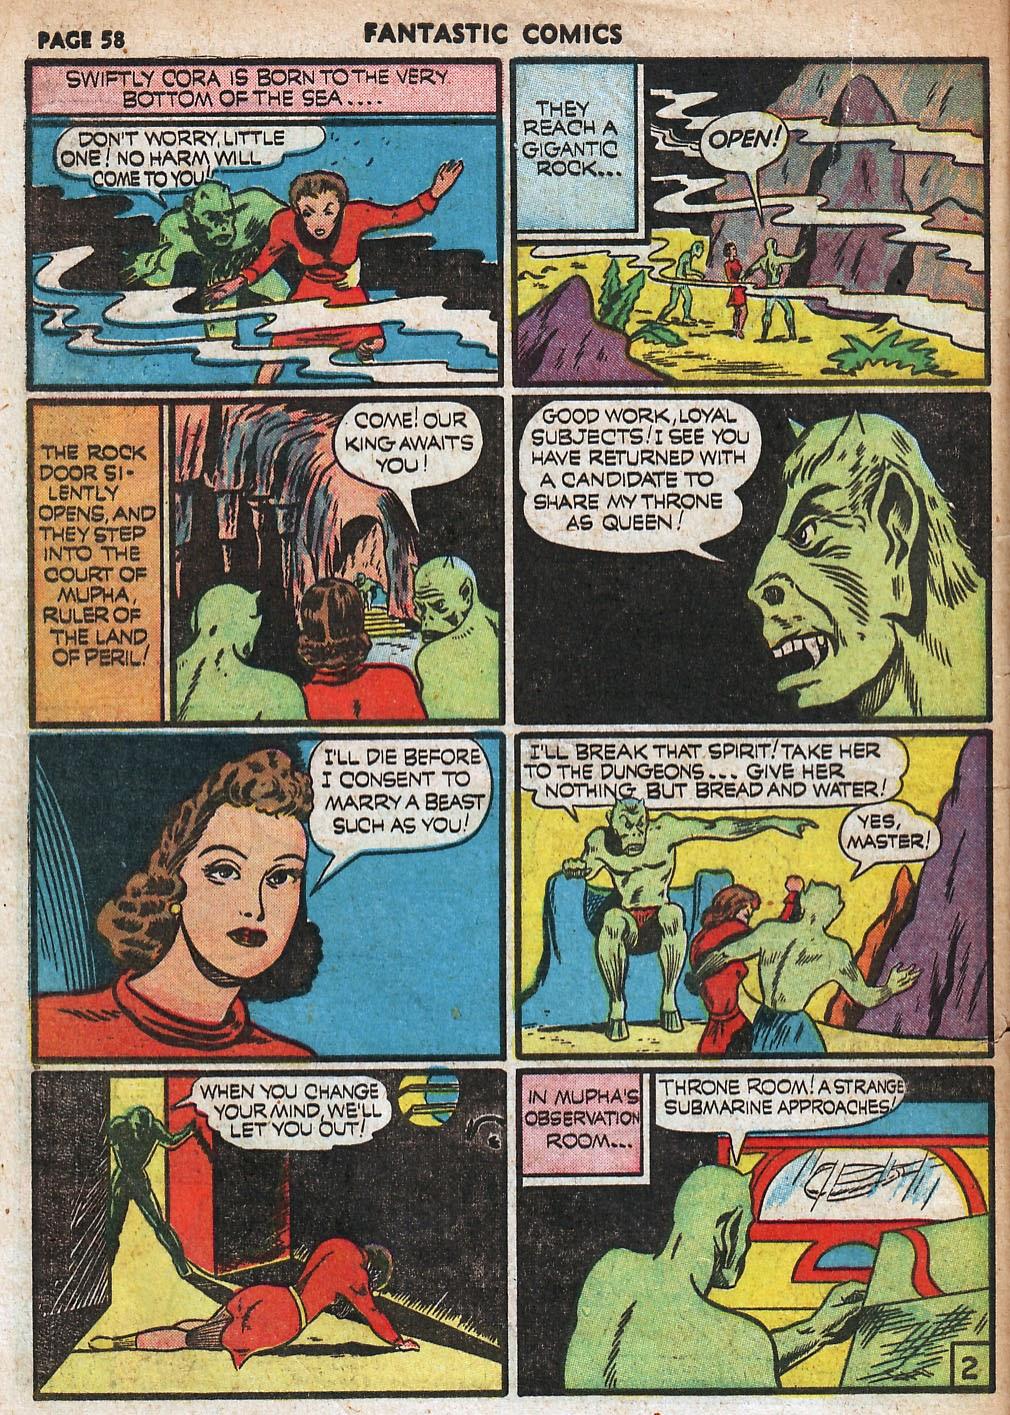 Read online Fantastic Comics comic -  Issue #18 - 60